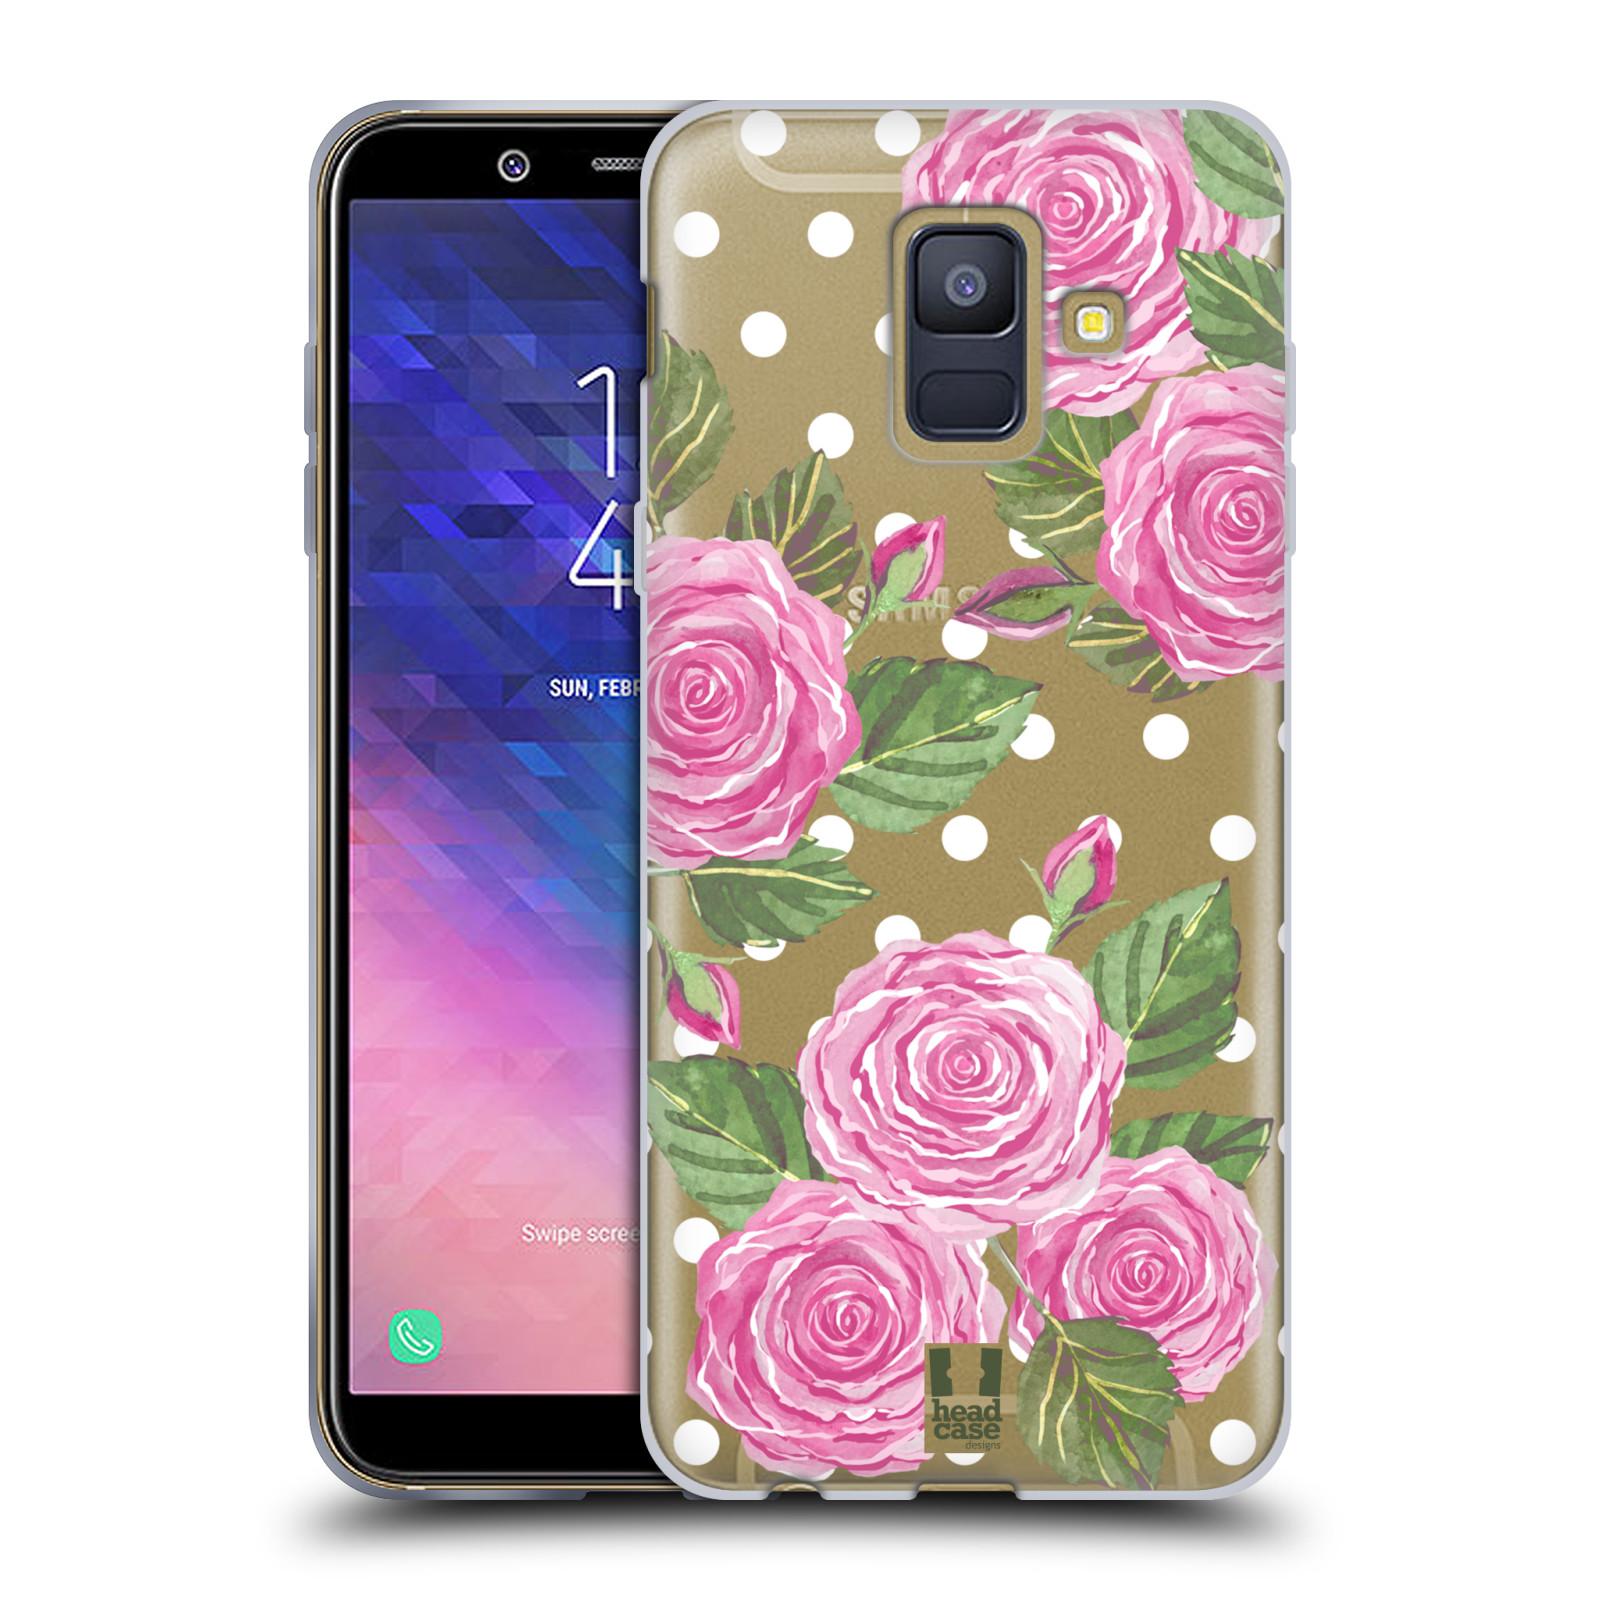 Silikonové pouzdro na mobil Samsung Galaxy A6 (2018) - Head Case - Hezoučké růžičky - průhledné